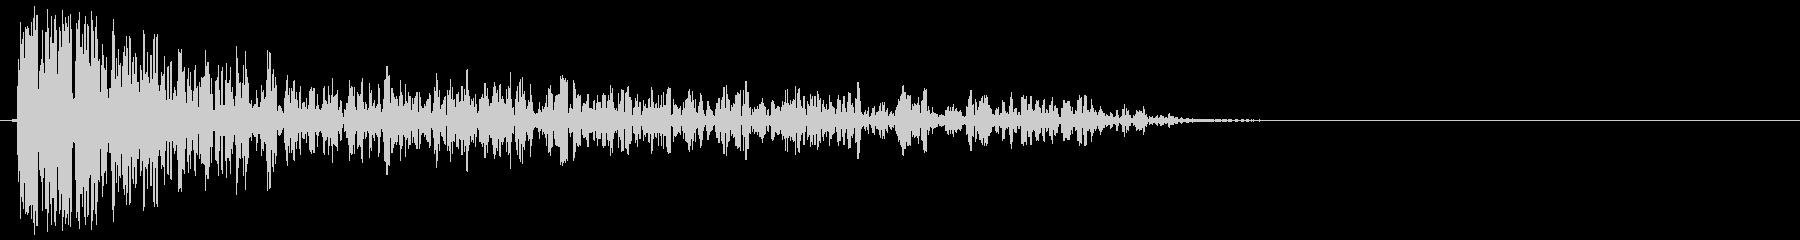 バズーカ砲の効果音、バズーカ砲、キャノ…の未再生の波形